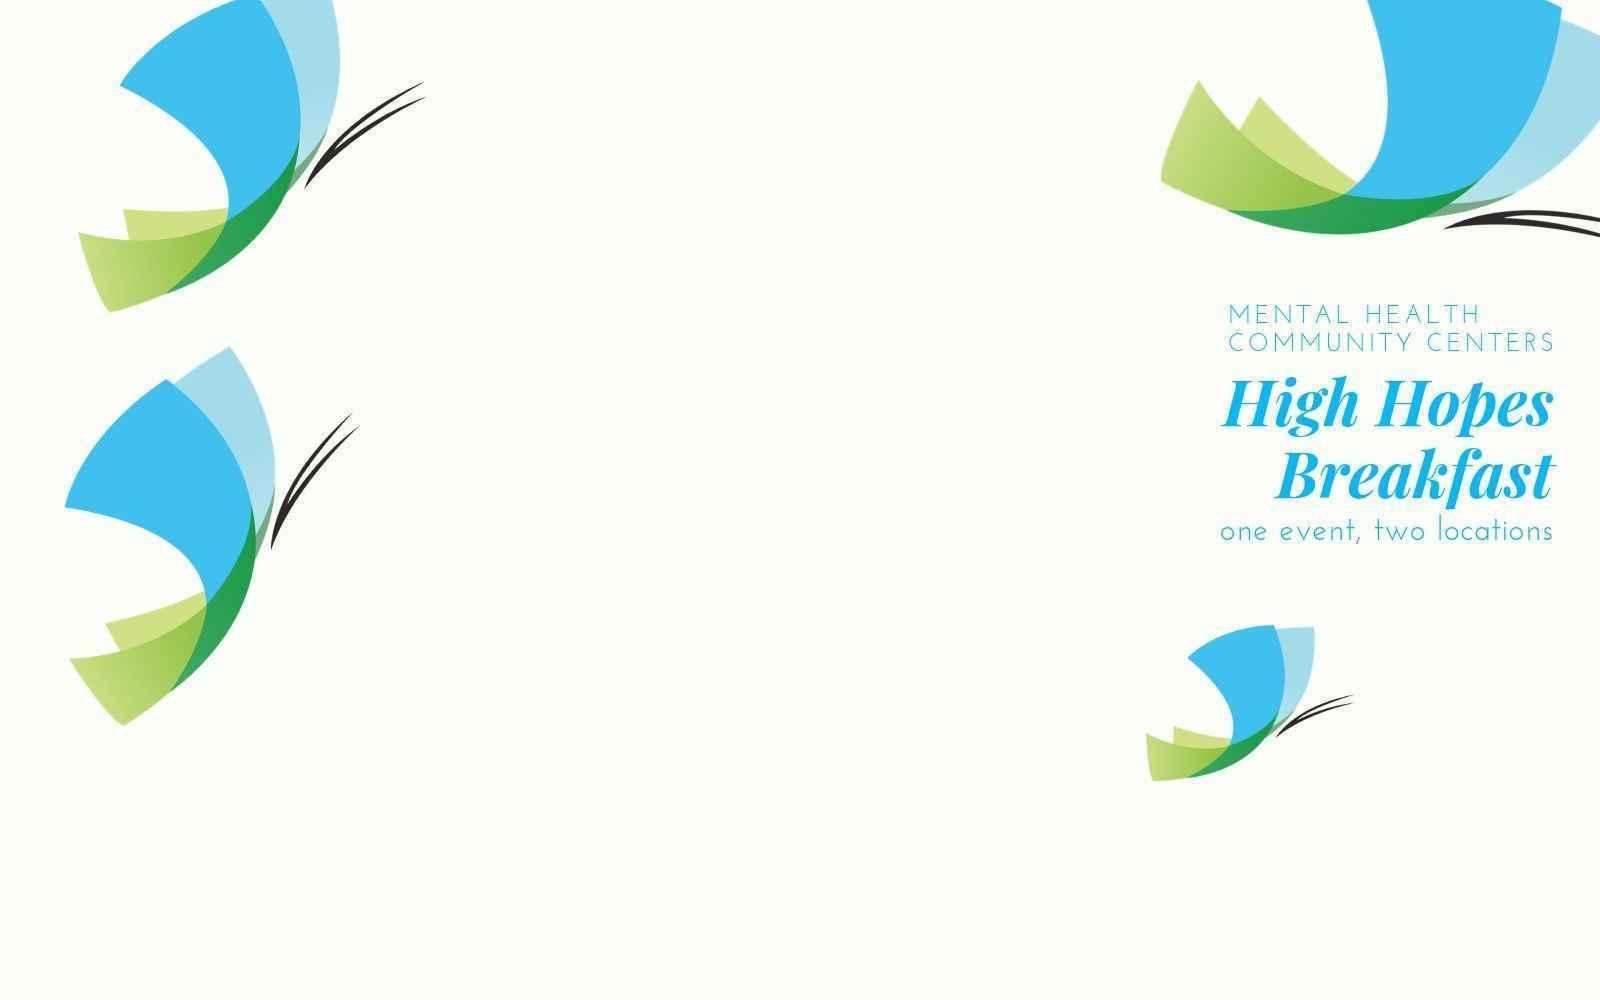 High Hopes Breakfast Sponsor image